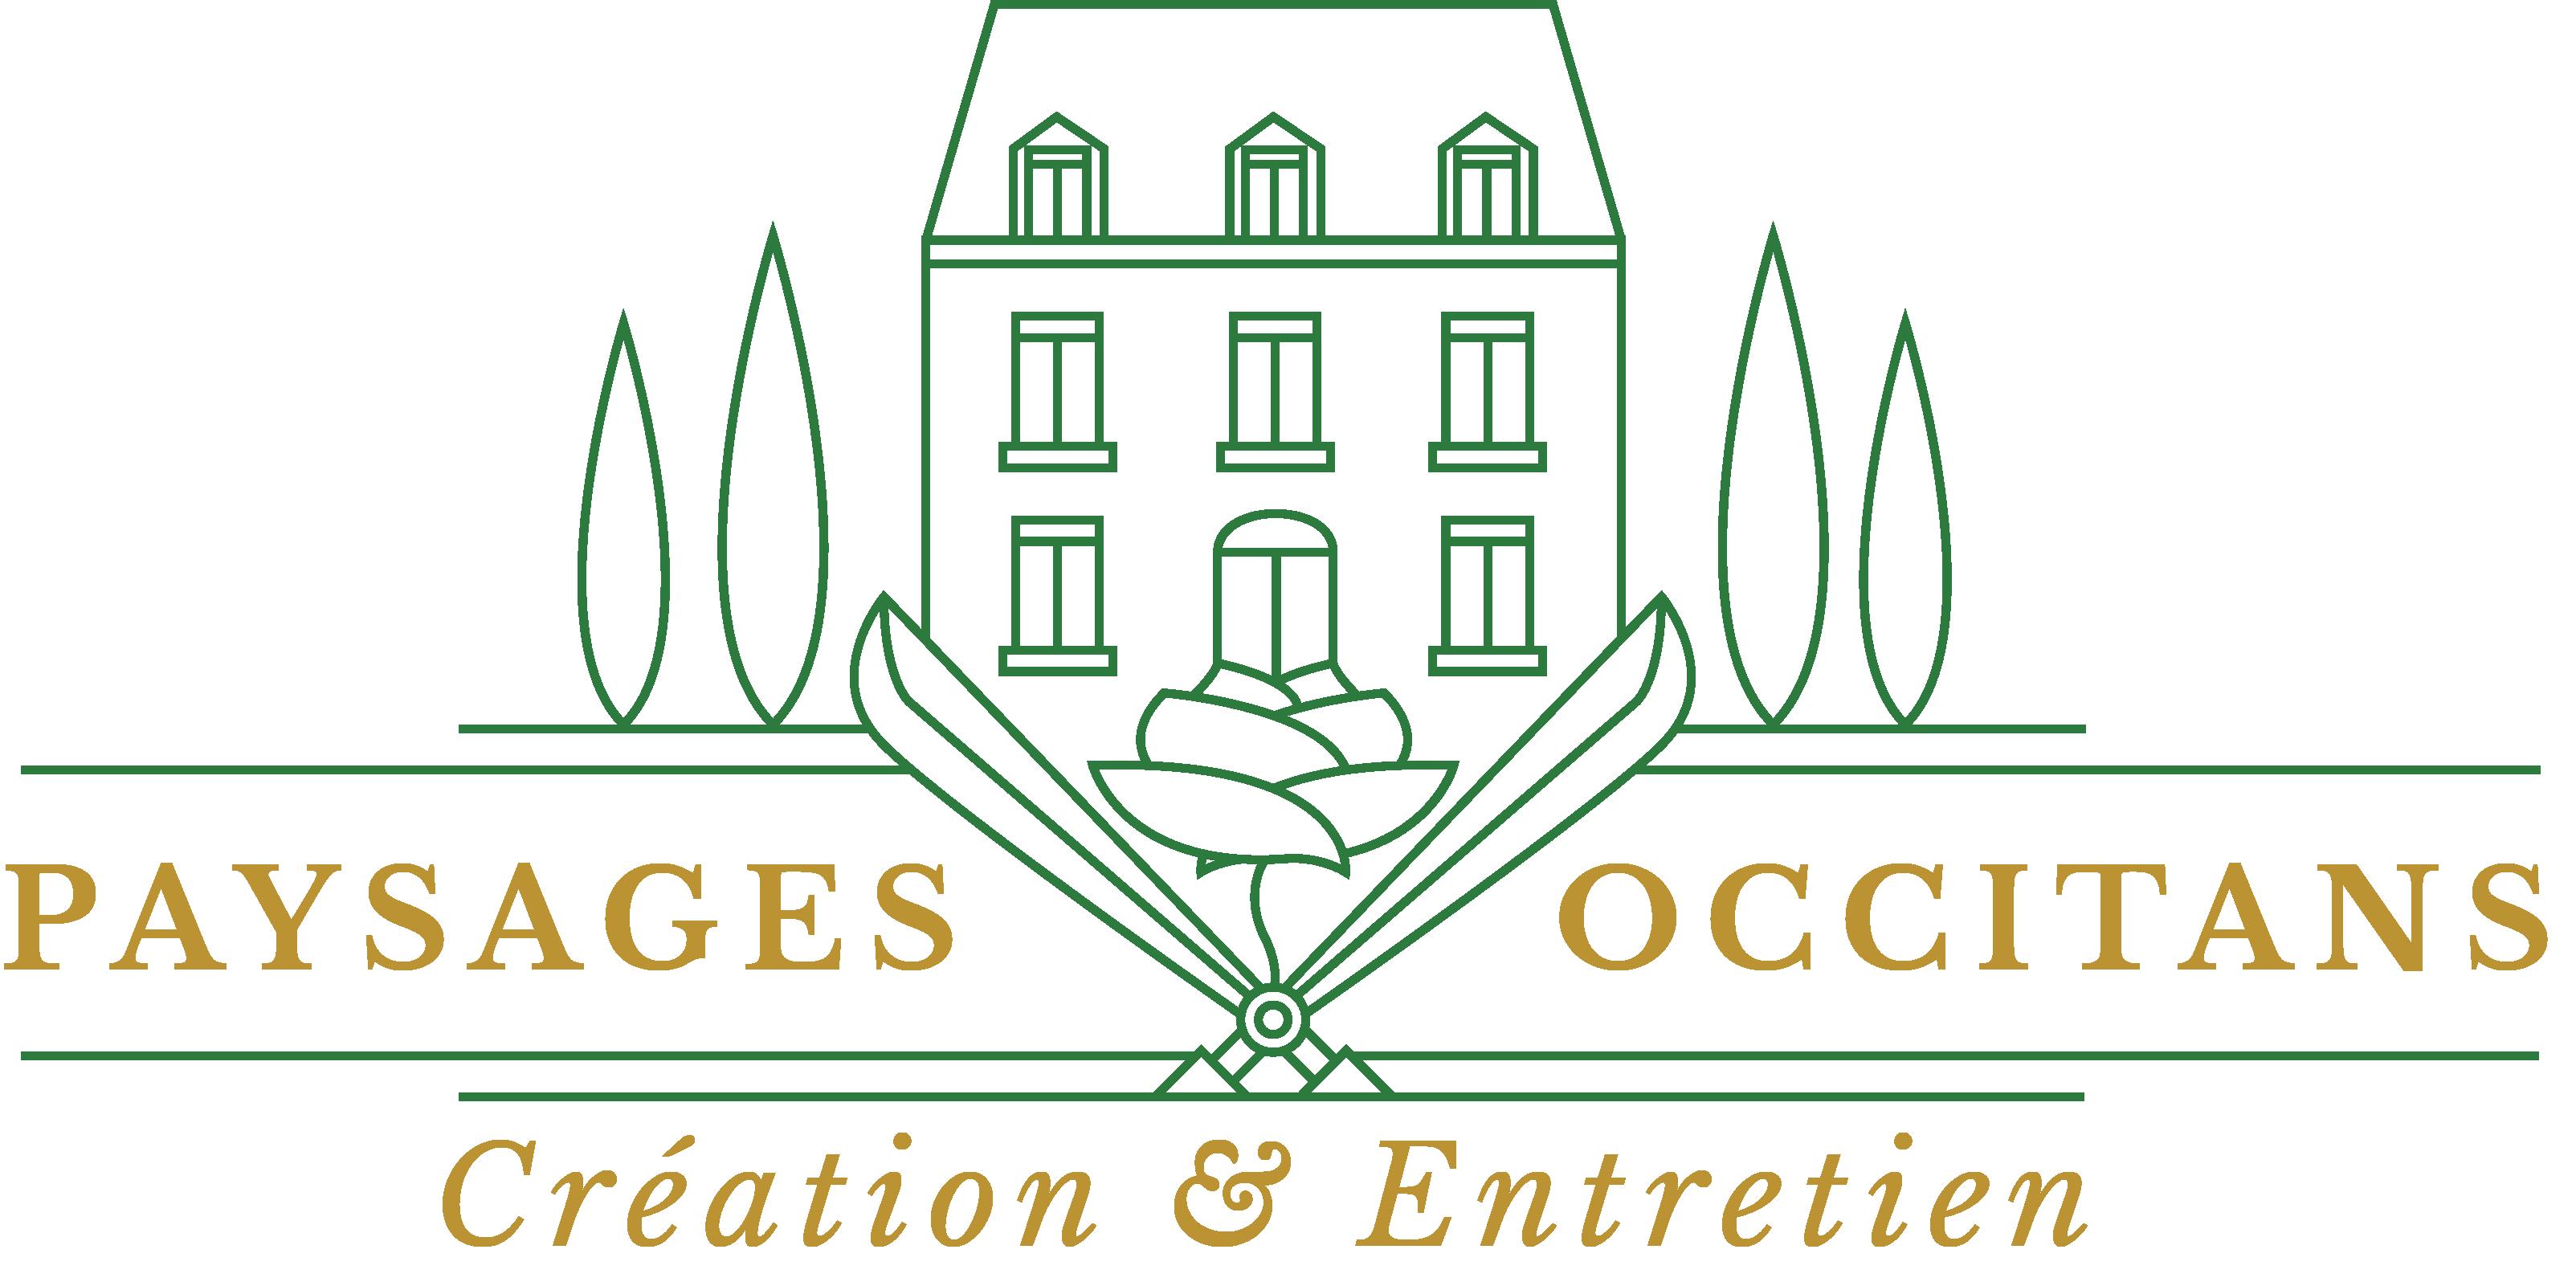 Paysages Occitans